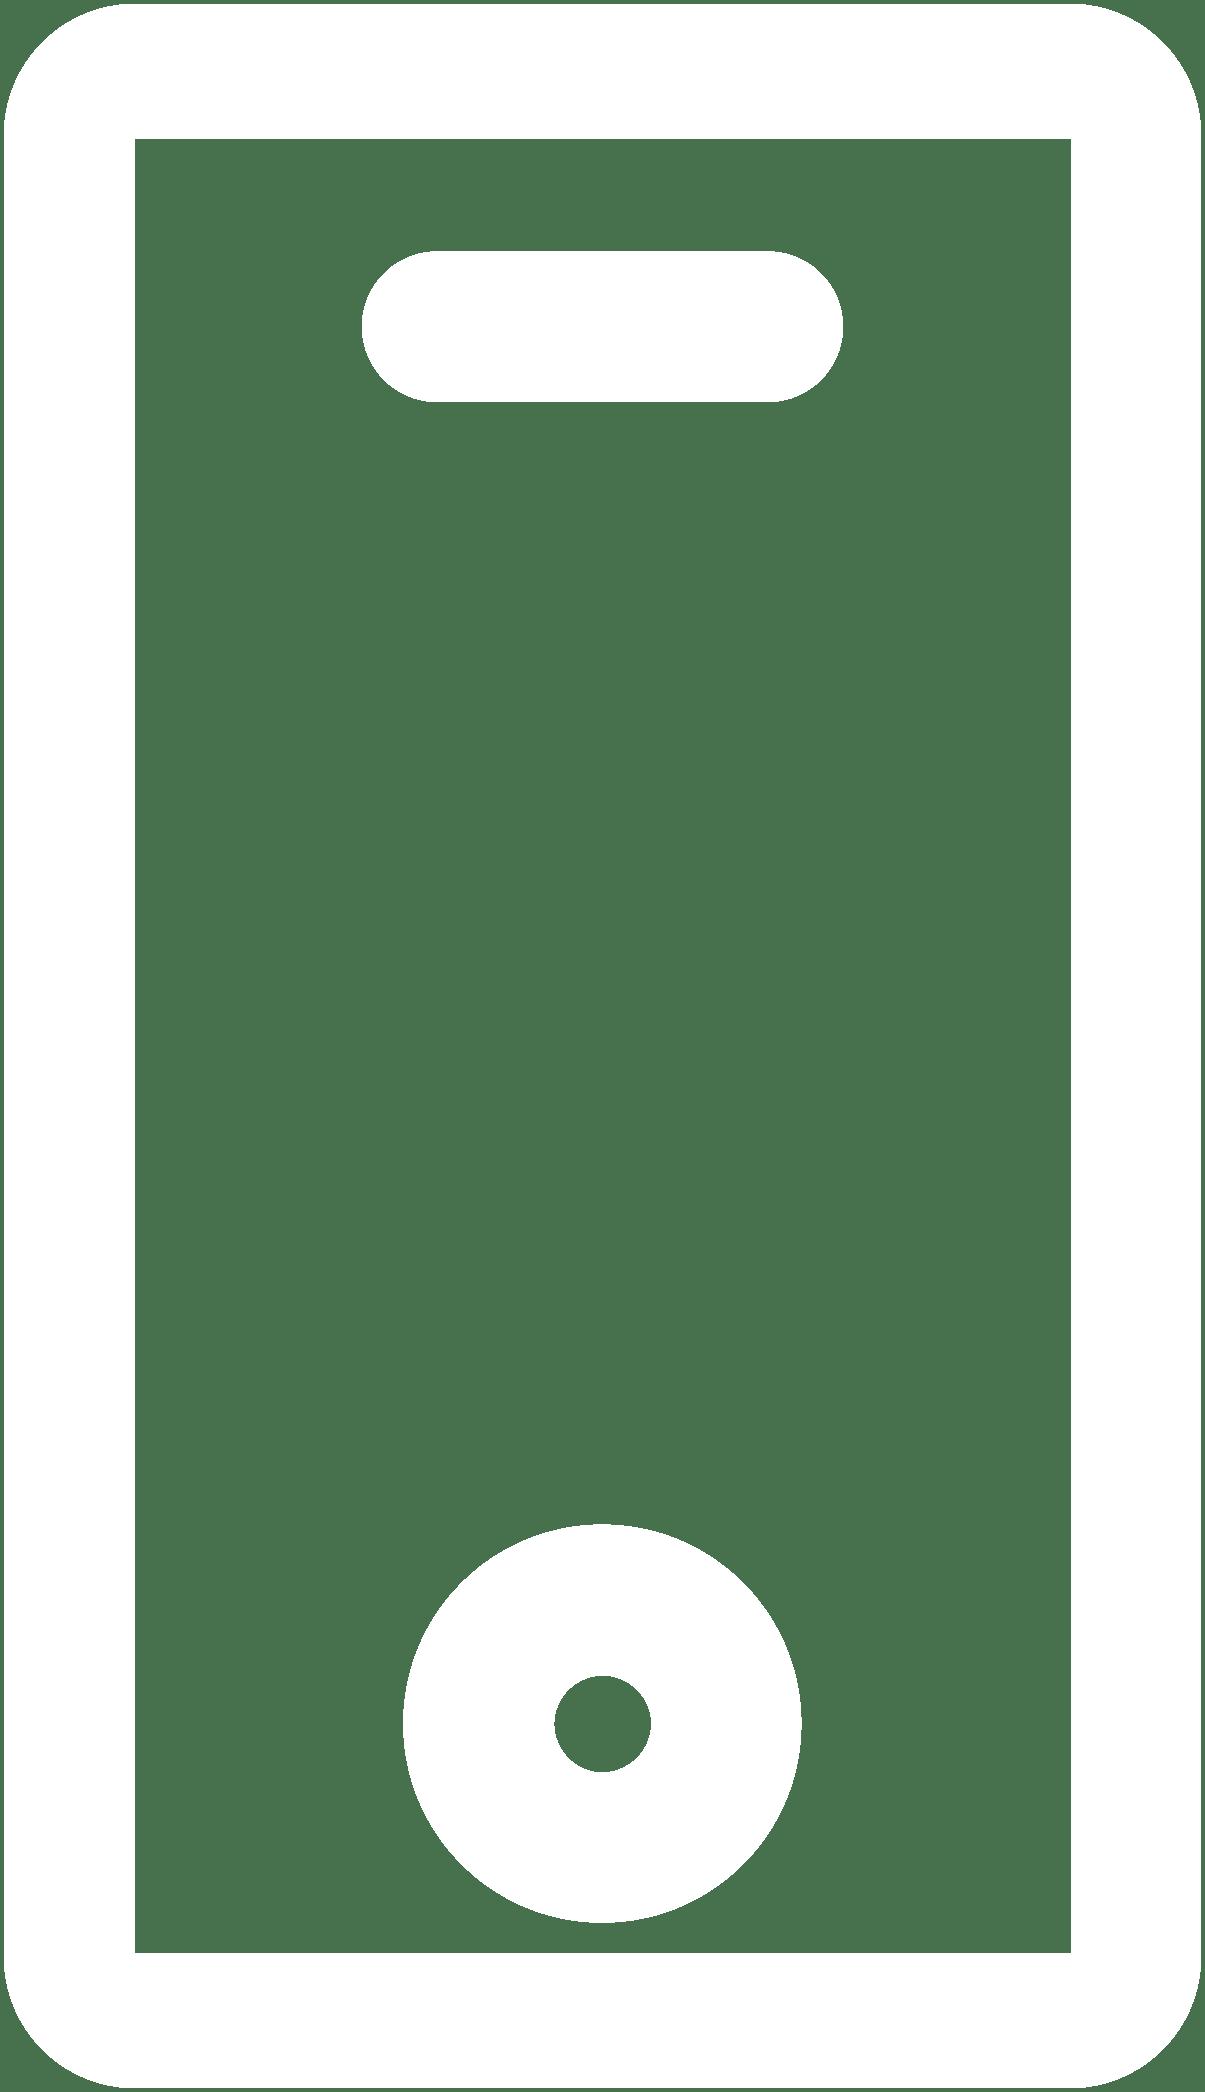 Pictogramme d'un téléphone